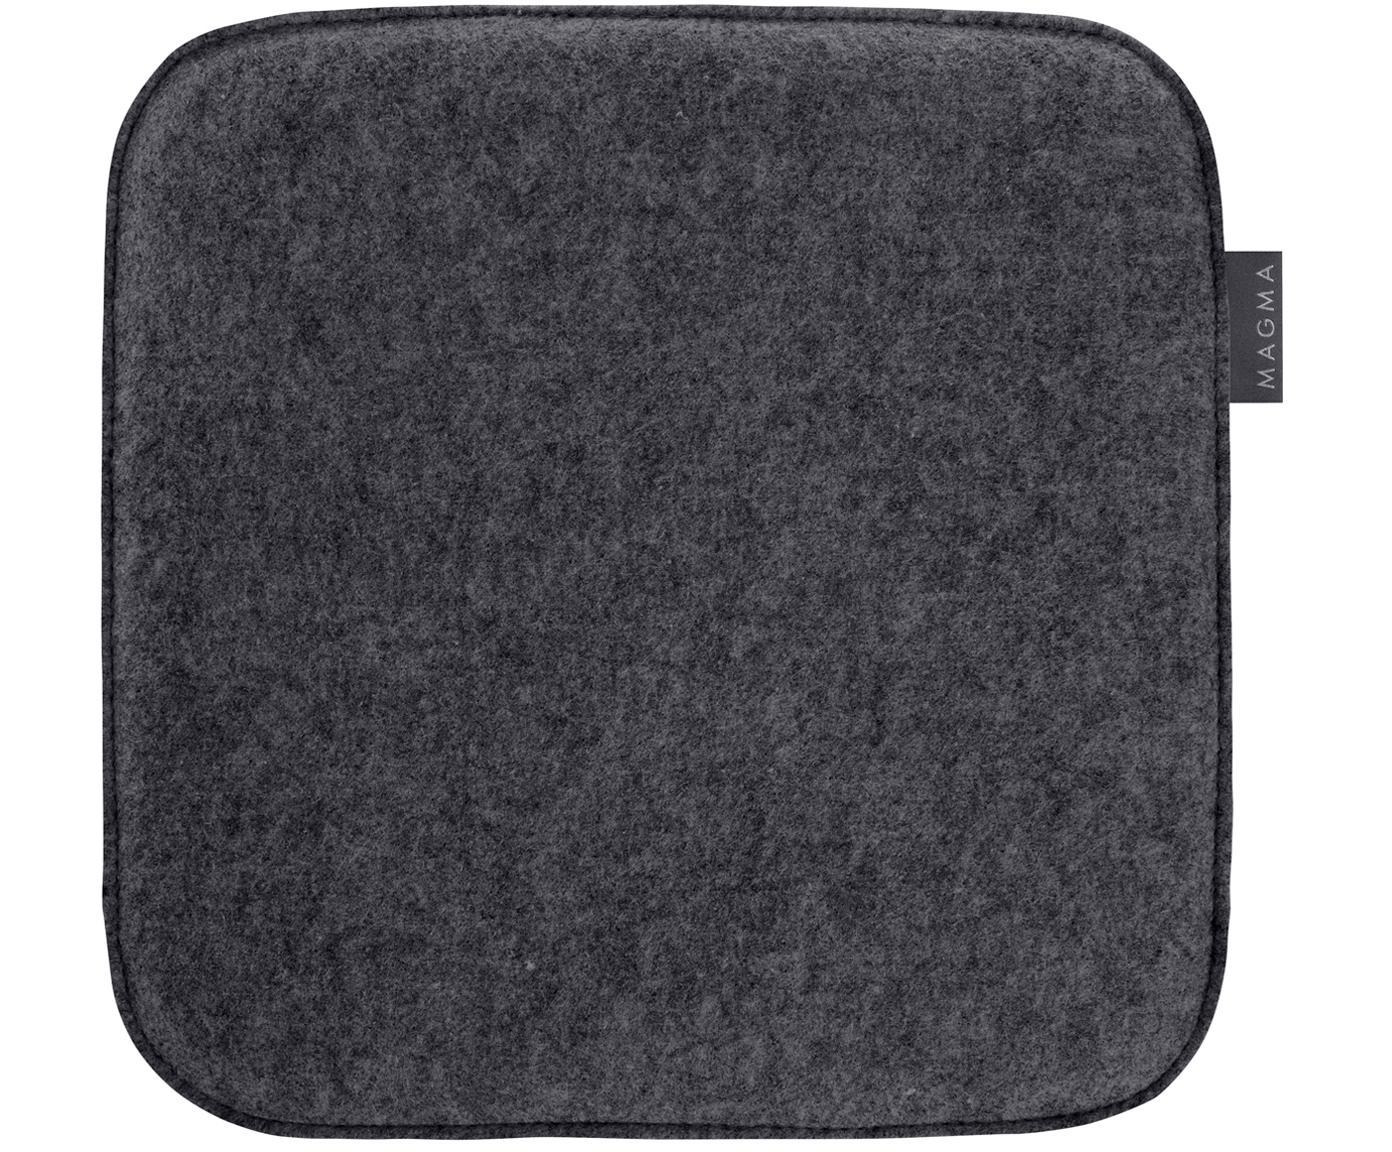 Cuscino sedia Avaro Square, 4 pz., Antracite, P 35 x L 35 cm